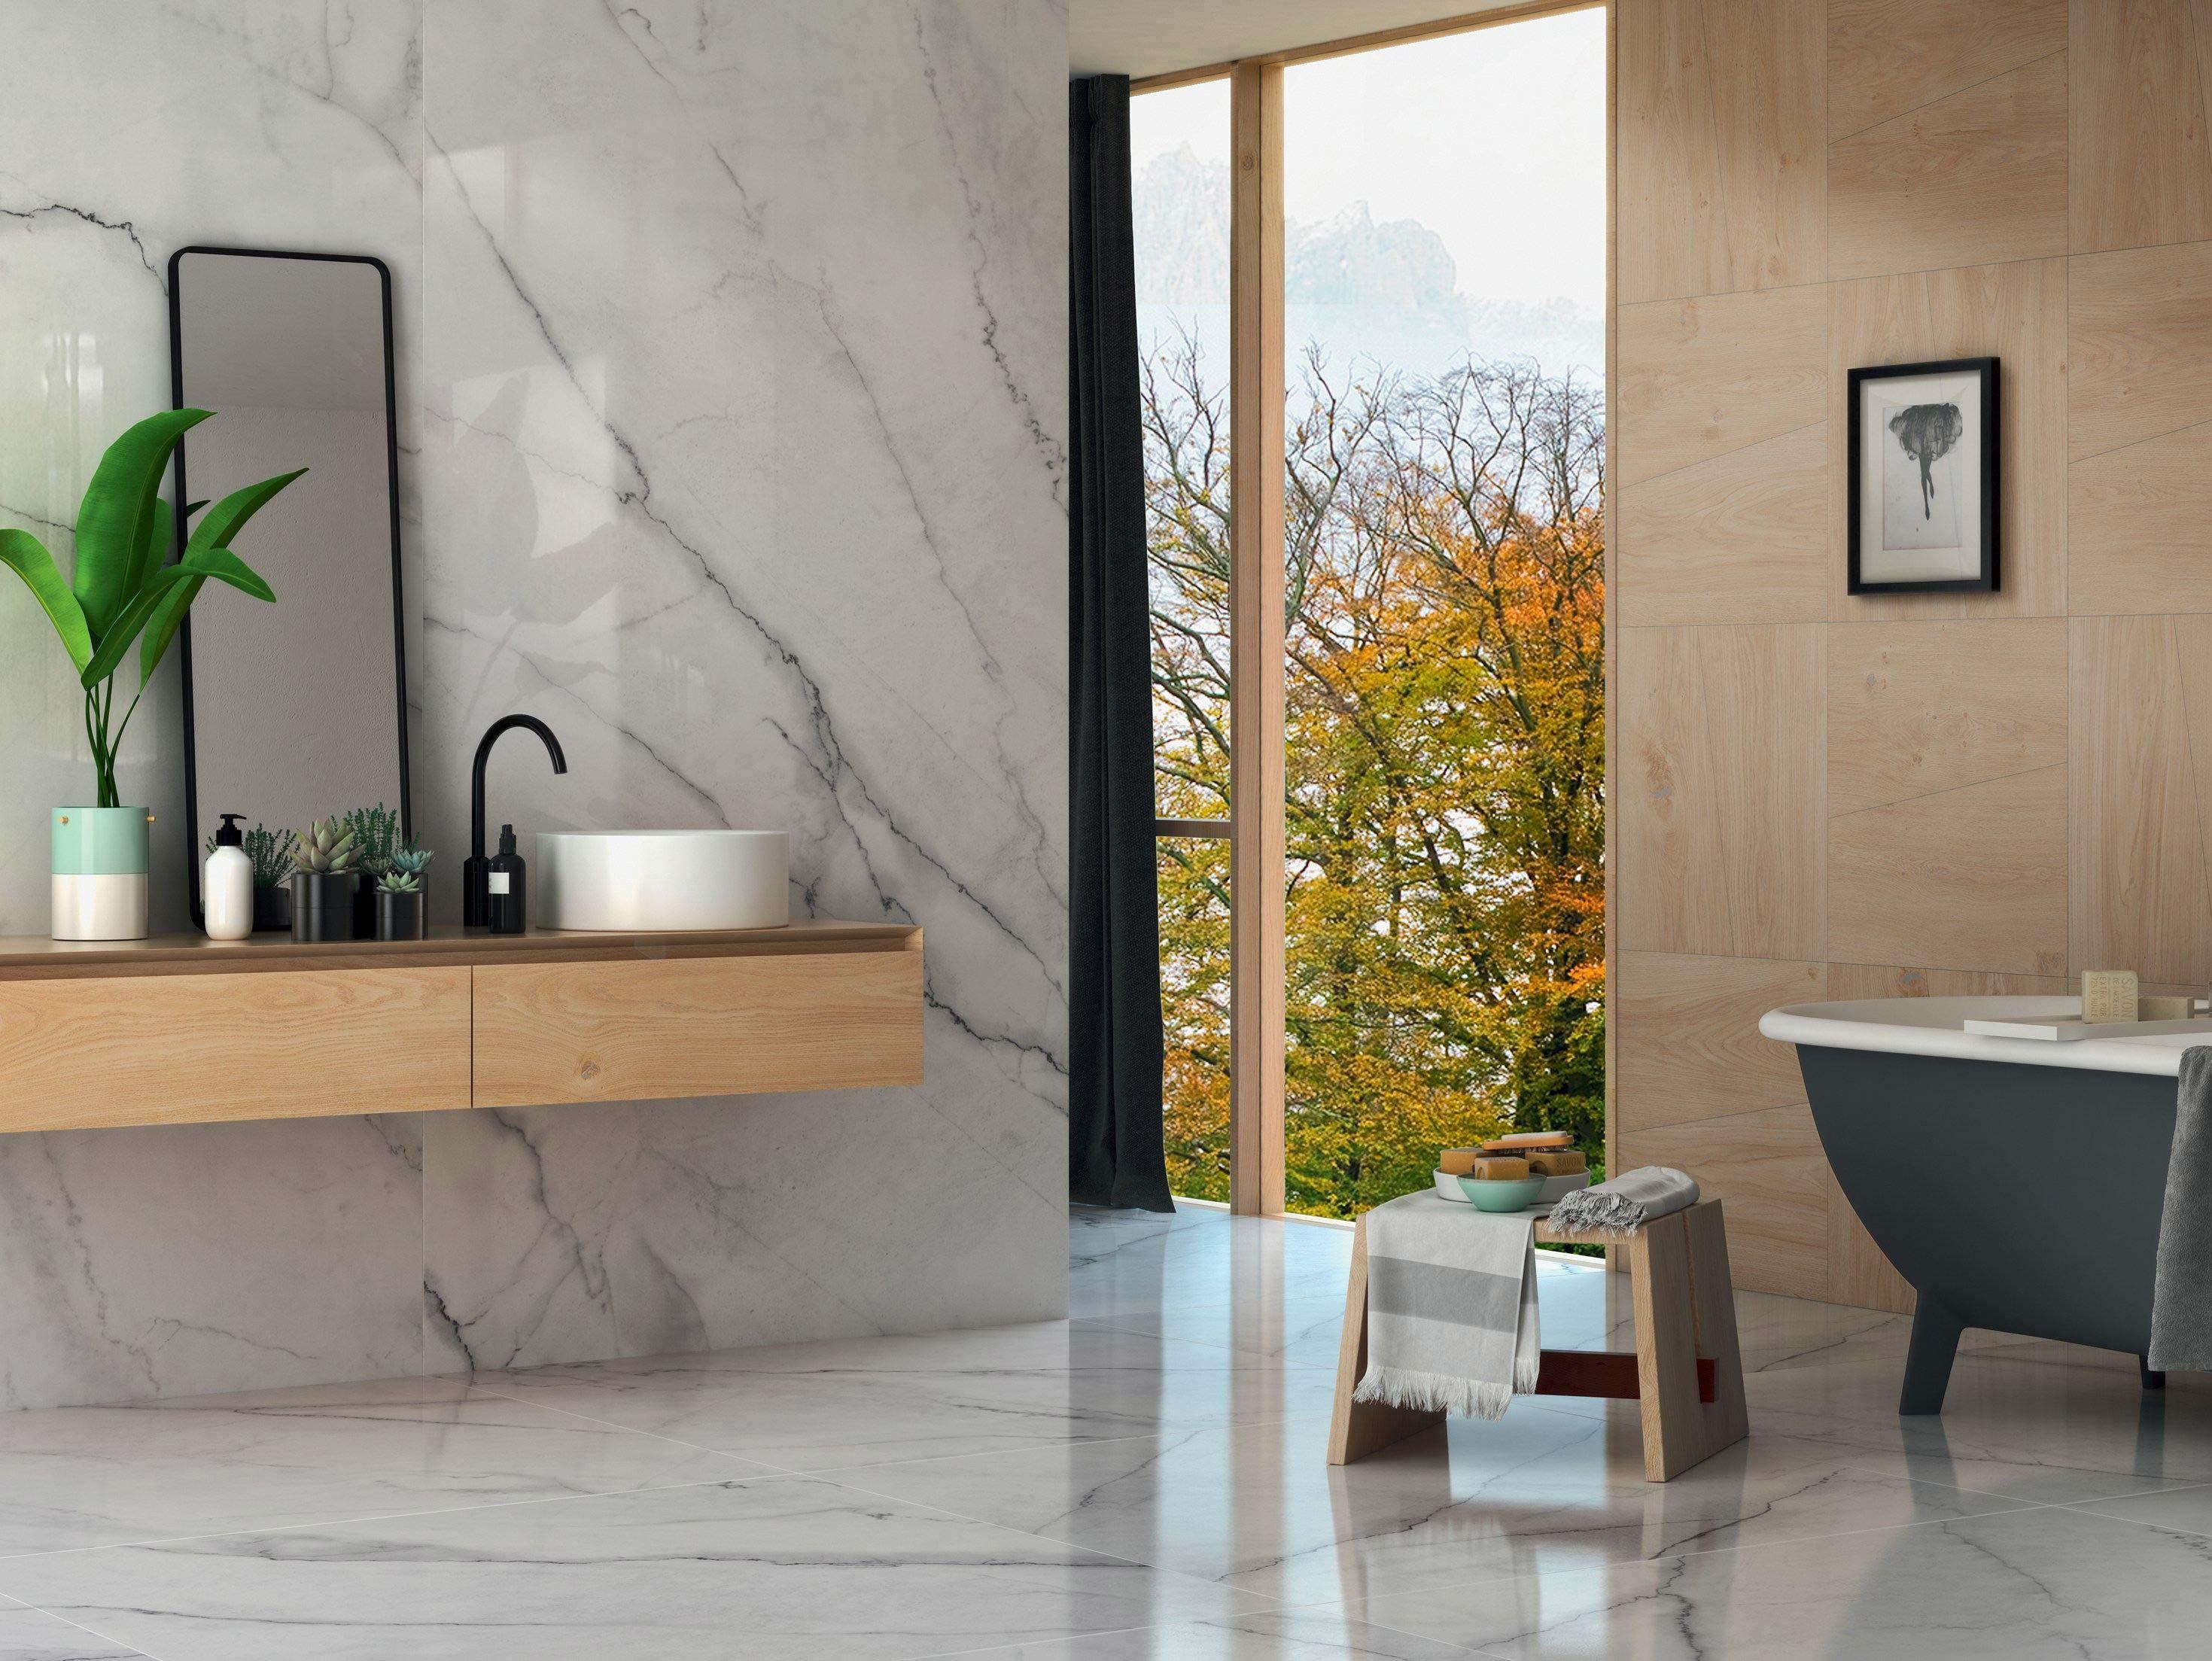 Pavimenti e rivestimenti in marmo o pietra silvestri a - Pavimenti gres porcellanato ...